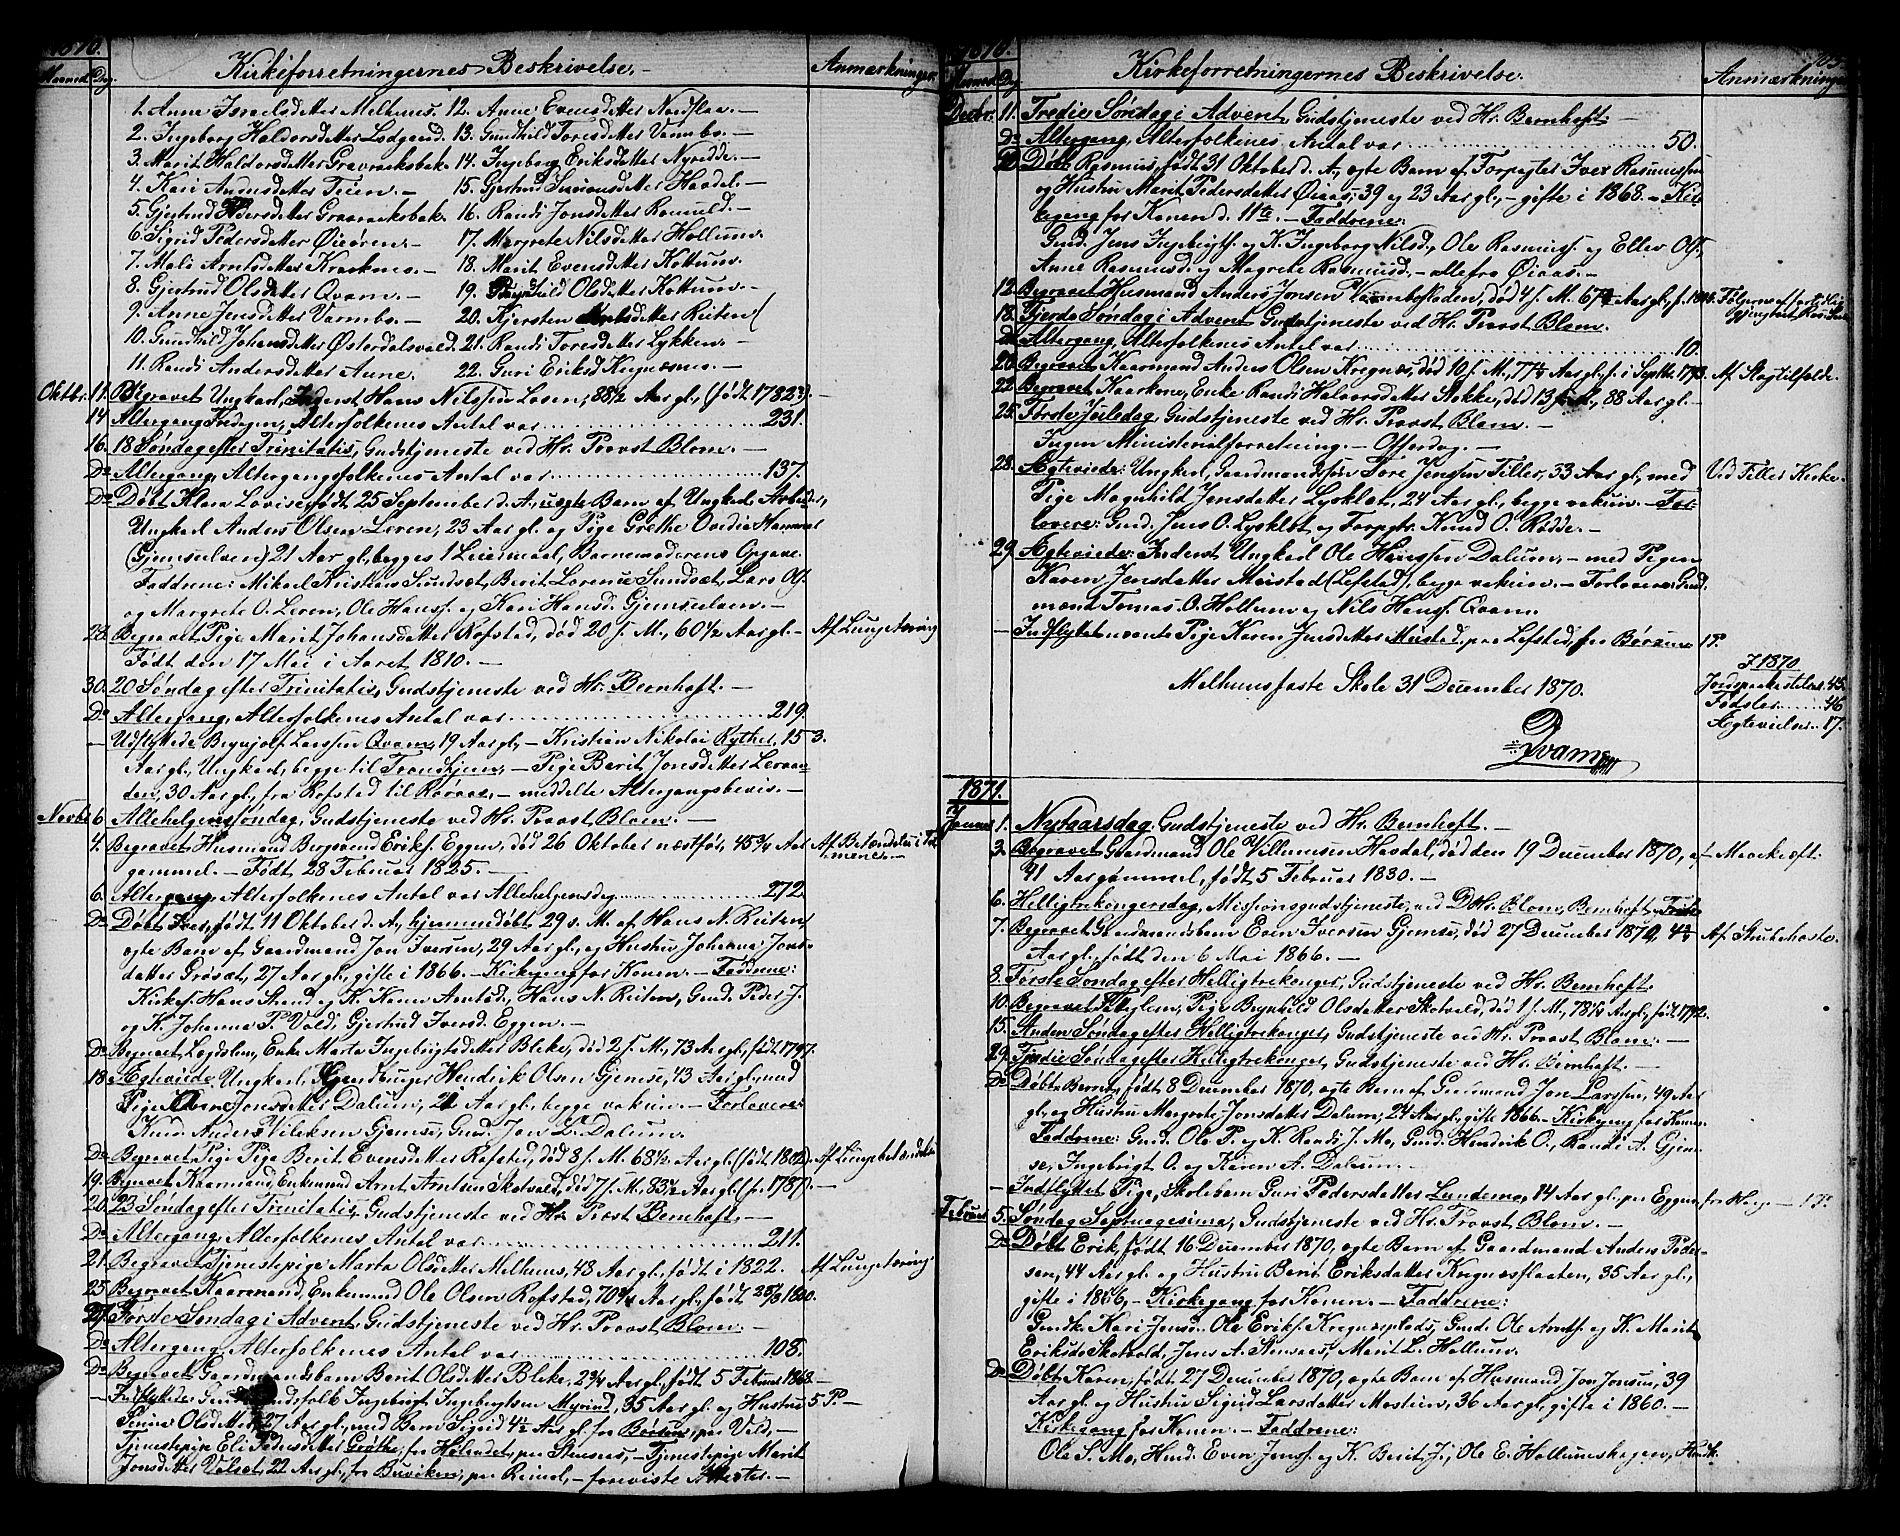 SAT, Ministerialprotokoller, klokkerbøker og fødselsregistre - Sør-Trøndelag, 691/L1093: Klokkerbok nr. 691C04, 1852-1879, s. 105